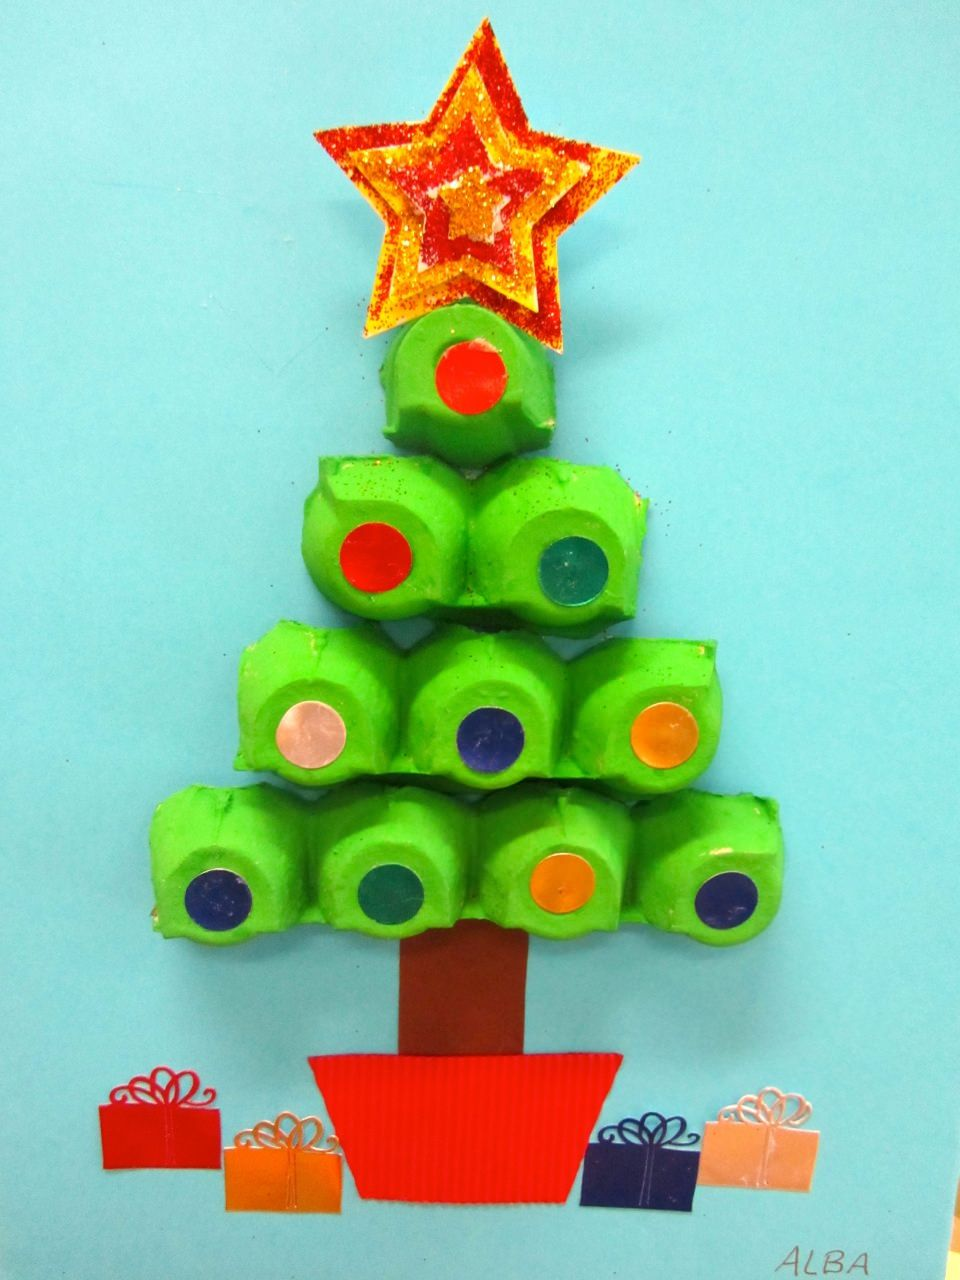 Weihnachtsbasteln Kita.Bildergebnis Für Basteln Weihnachten Grundschule Kita Basteln